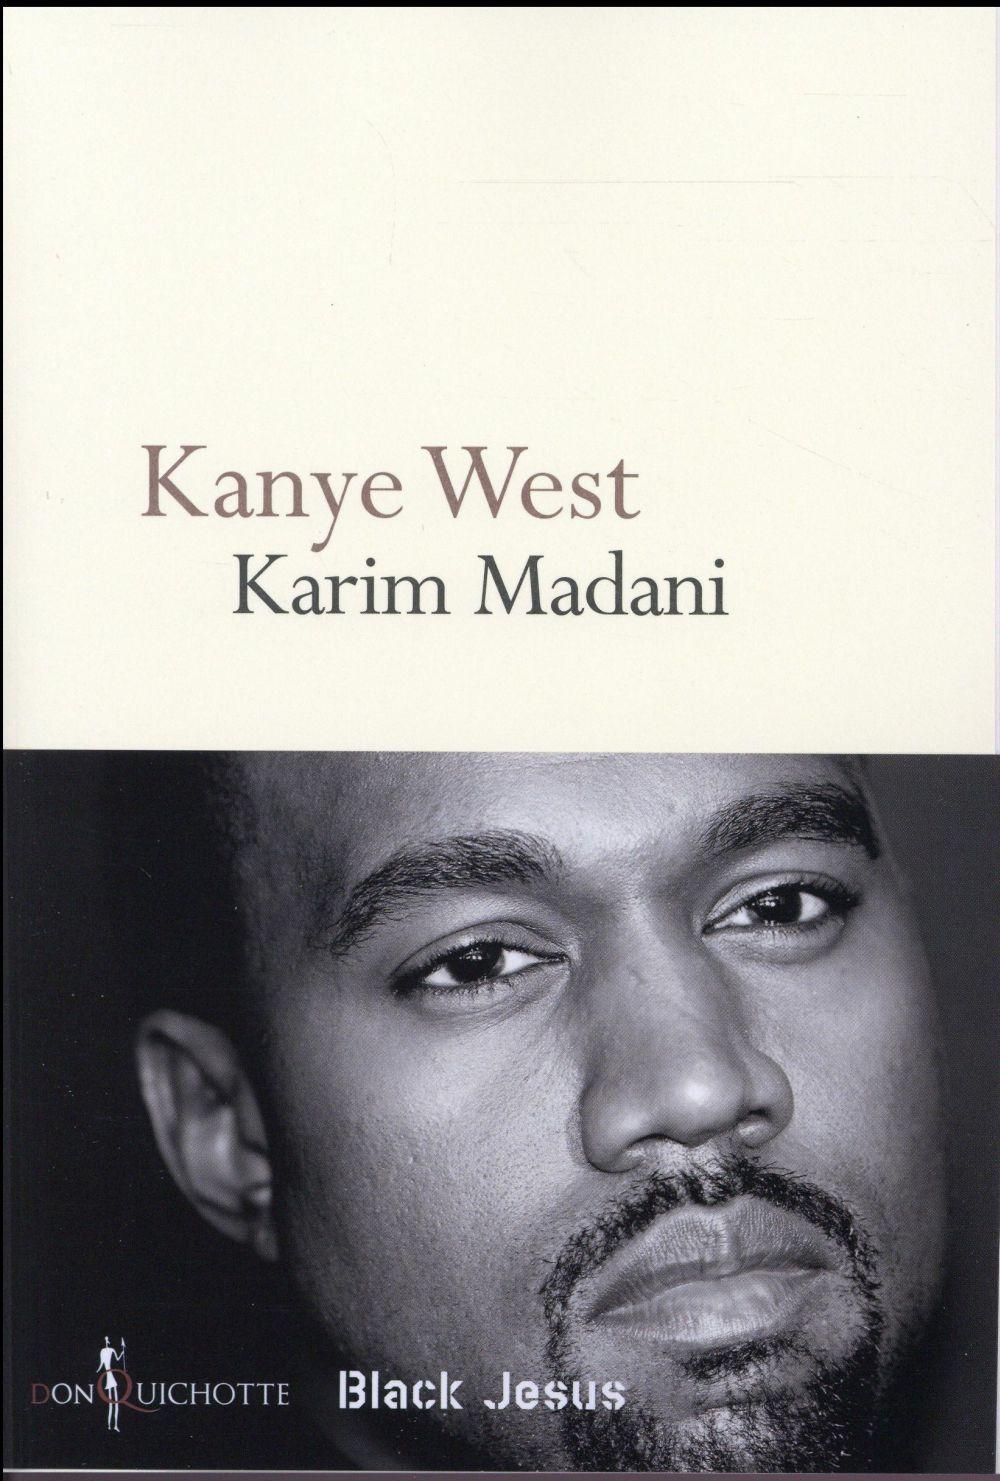 Kanye West, black Jésus